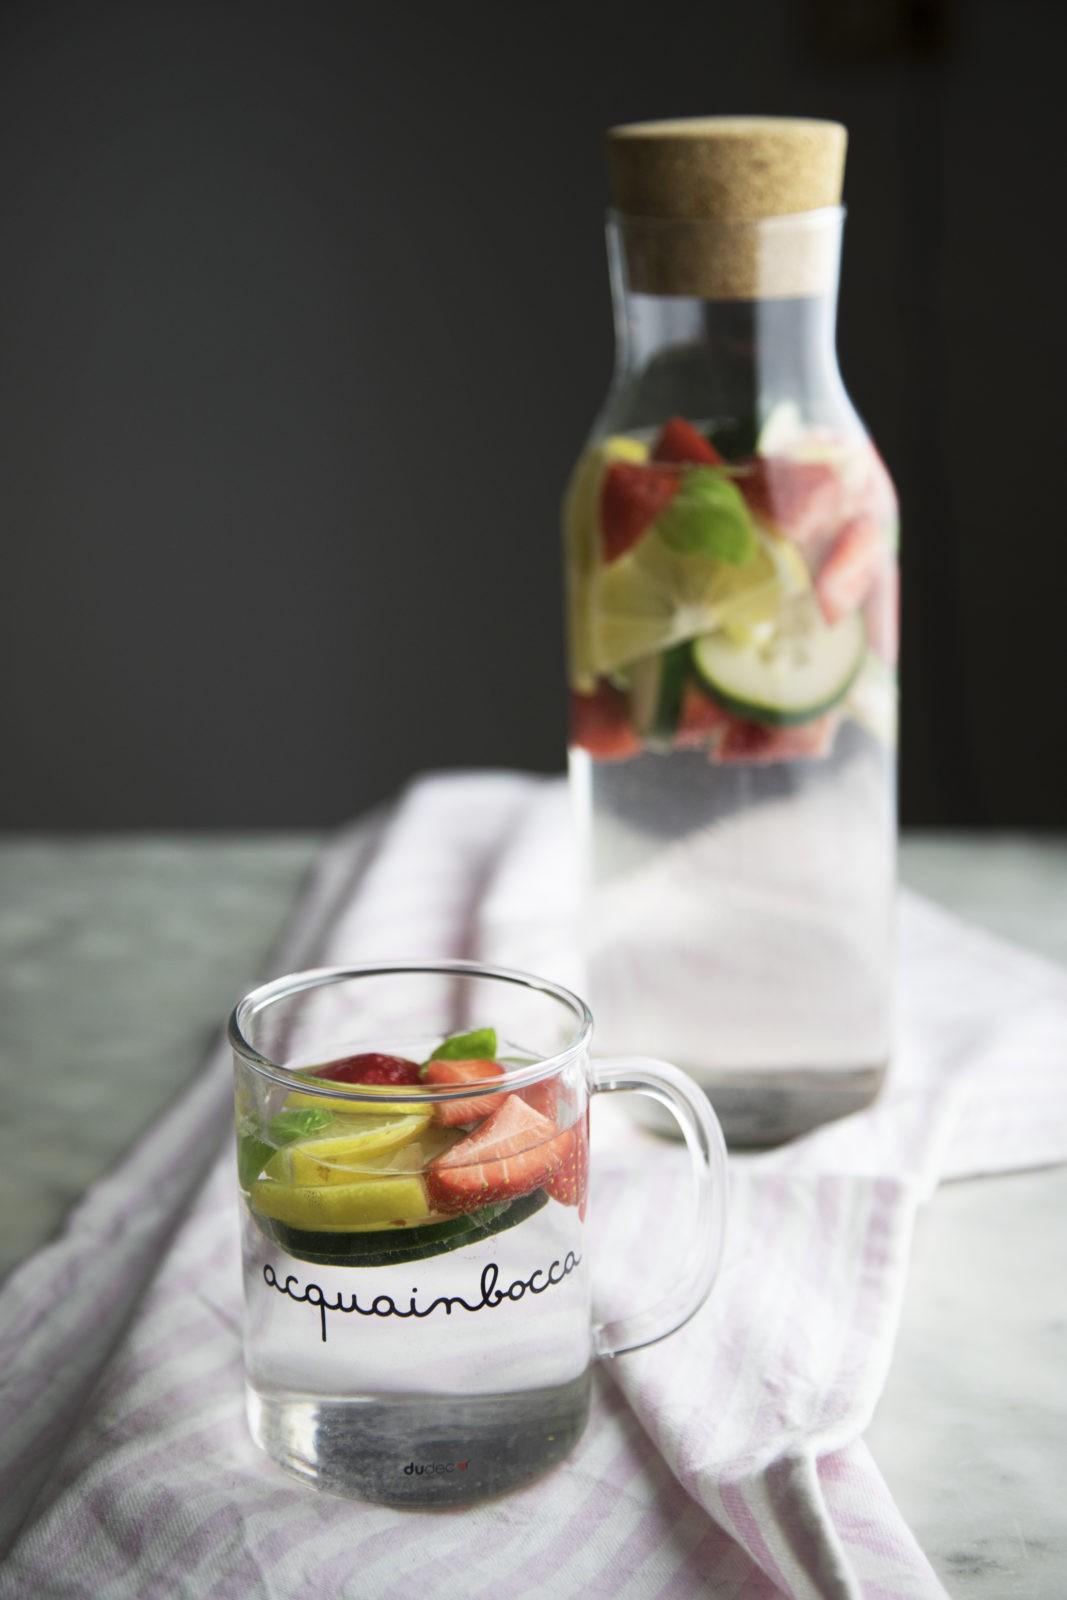 acqua aromatizzata_fragole